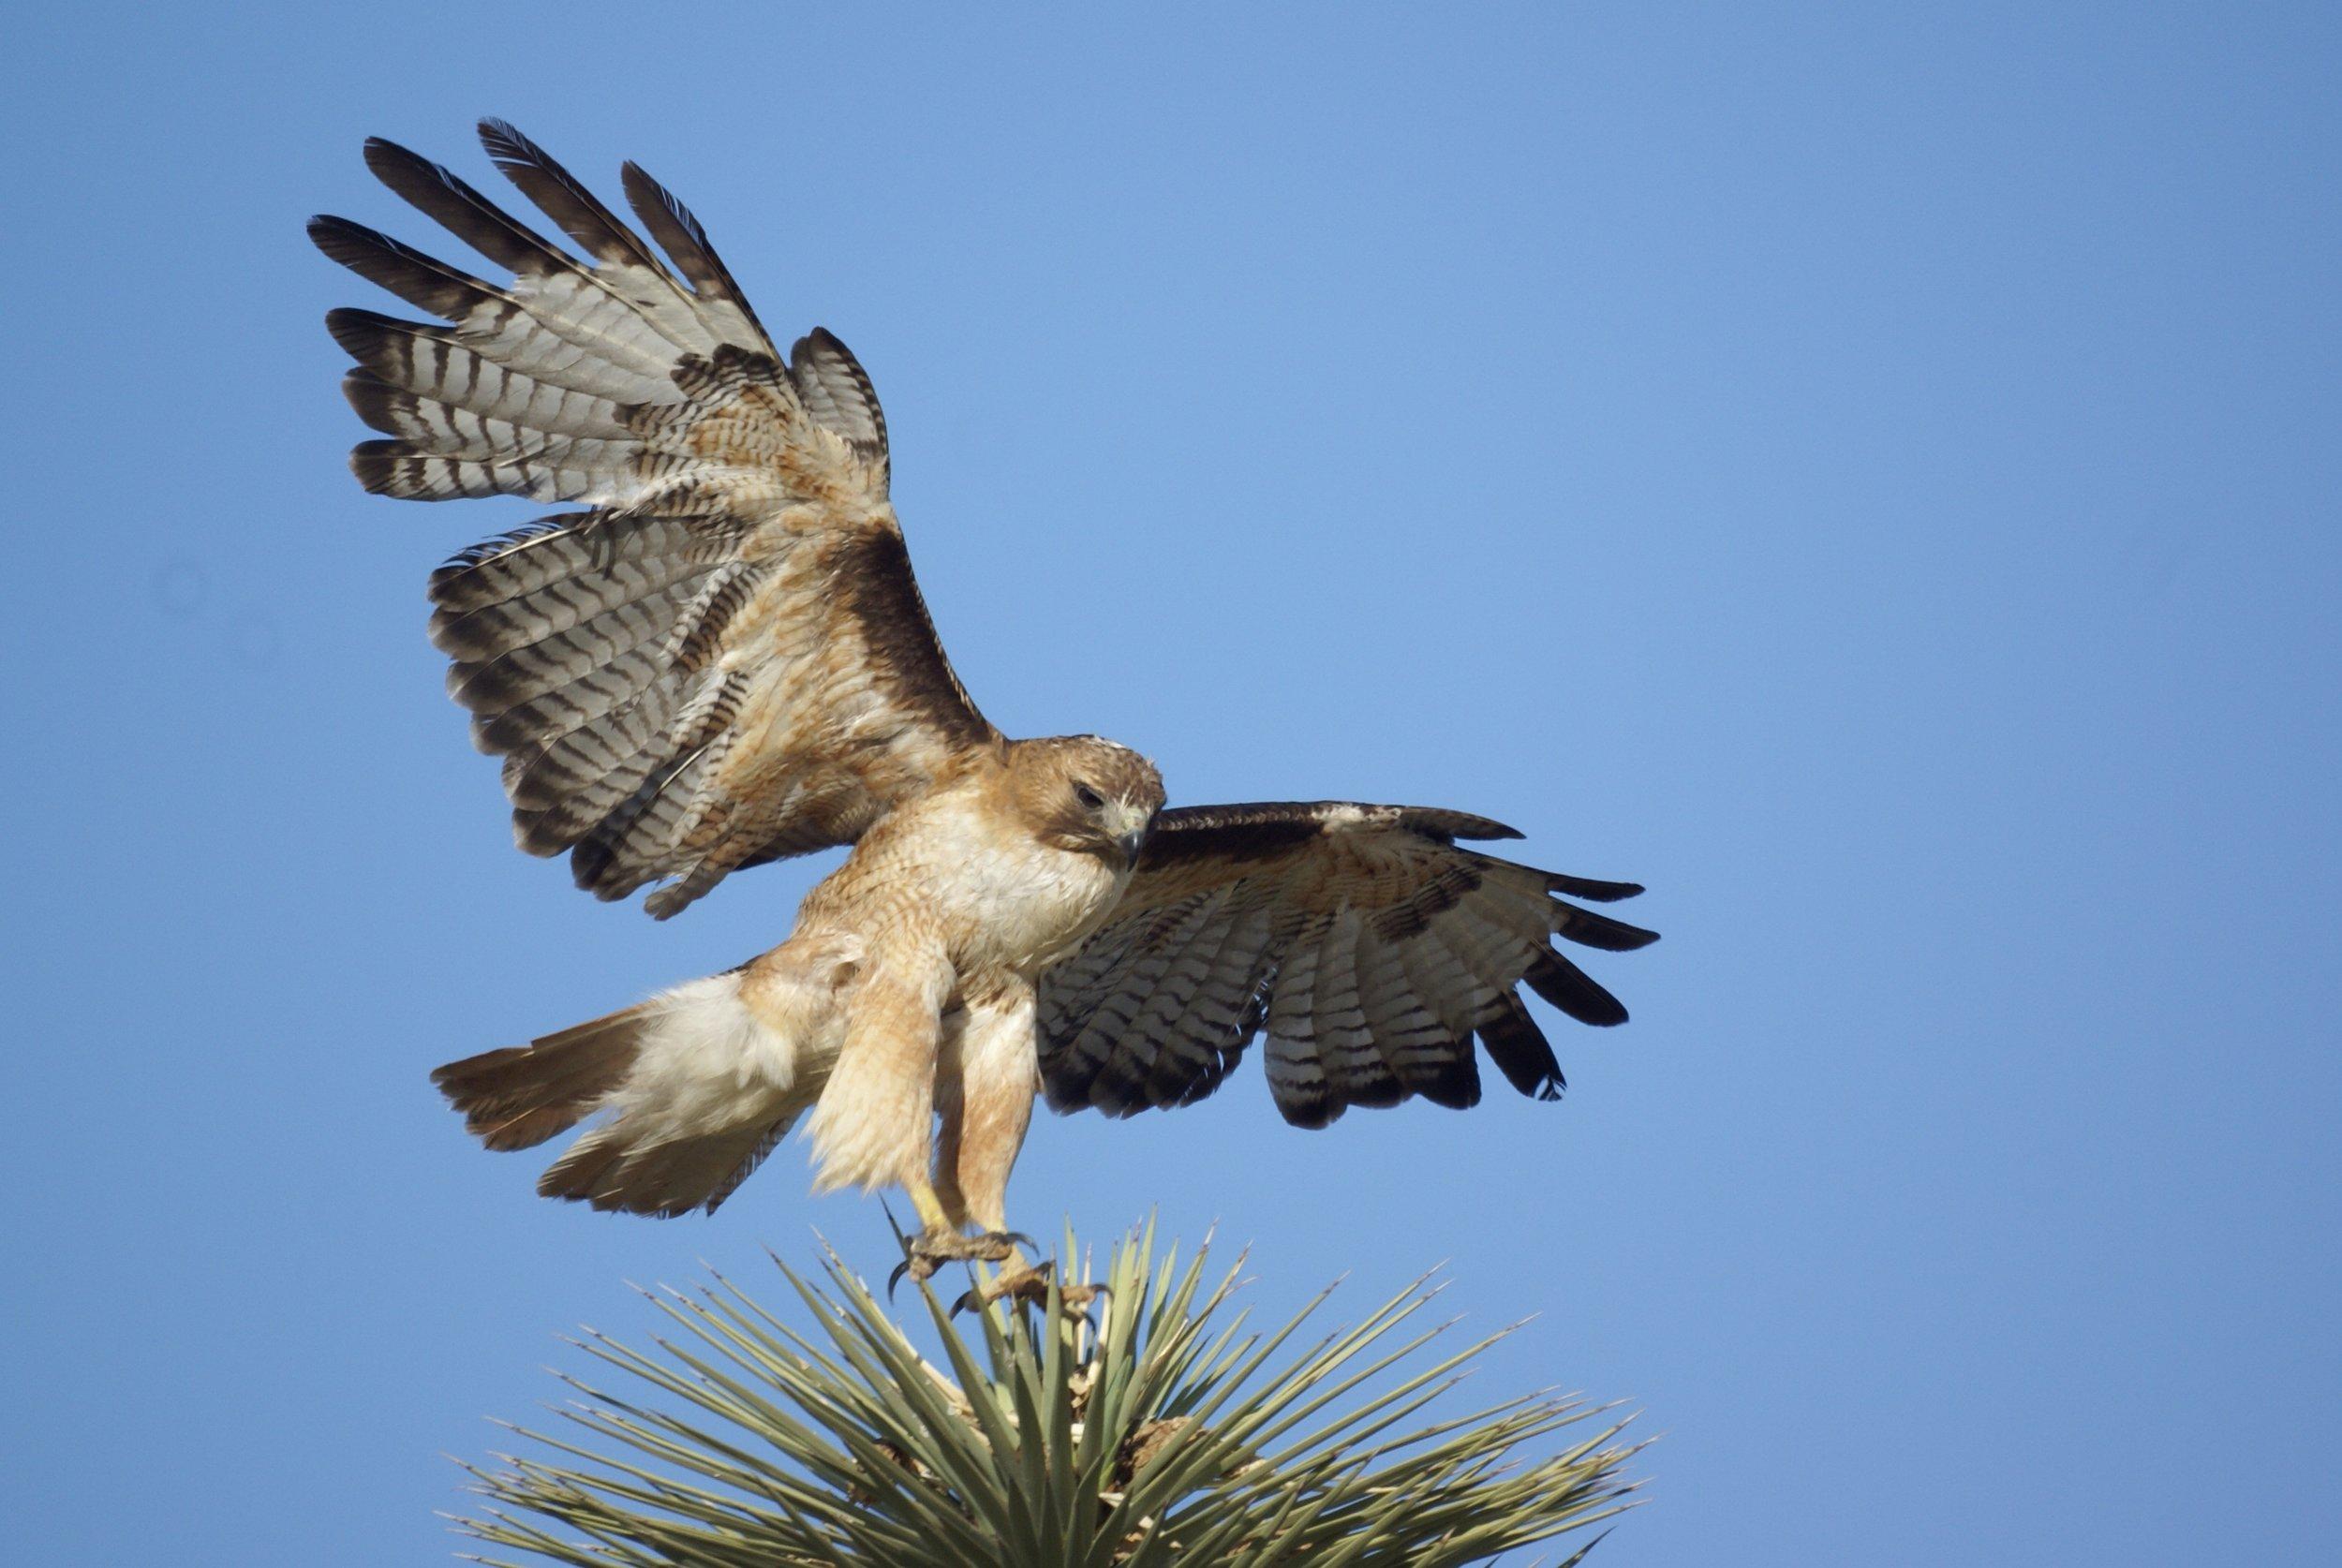 Red-tailed hawk_Julianne Koza.jpg